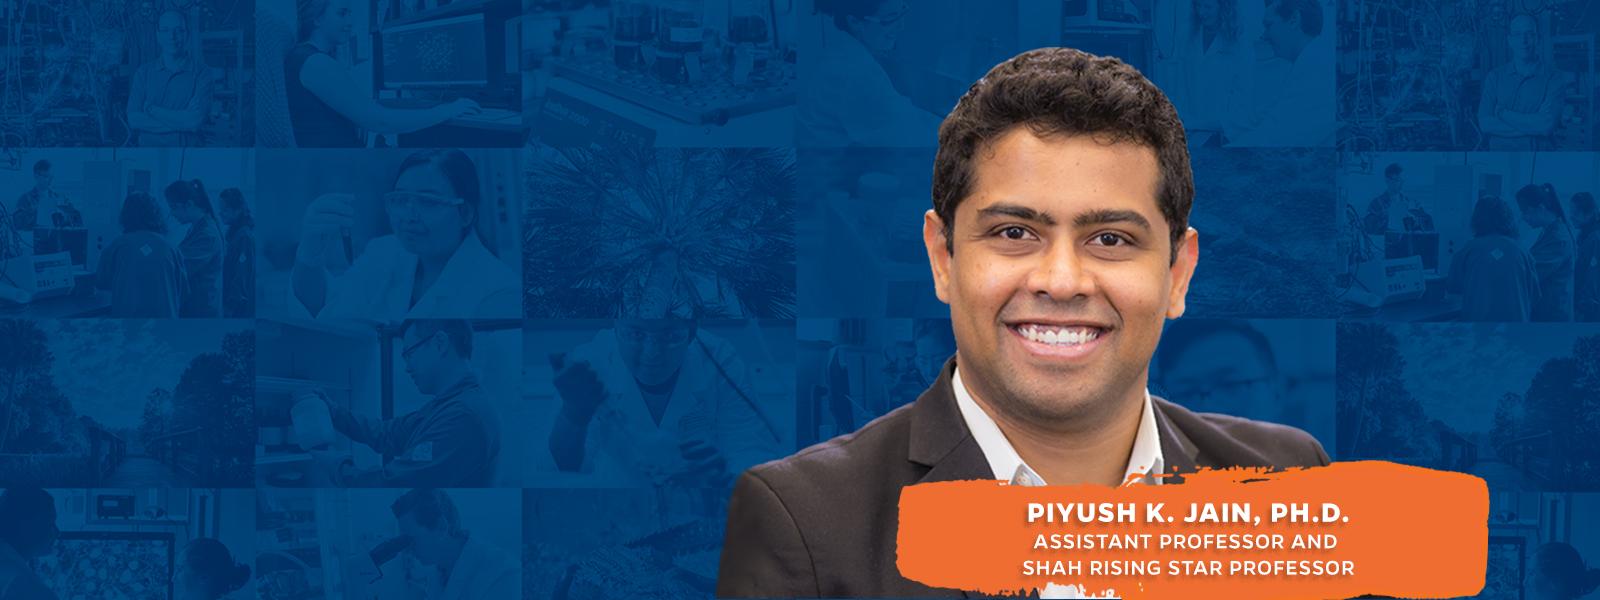 Piyush K. Jain, Ph.D.